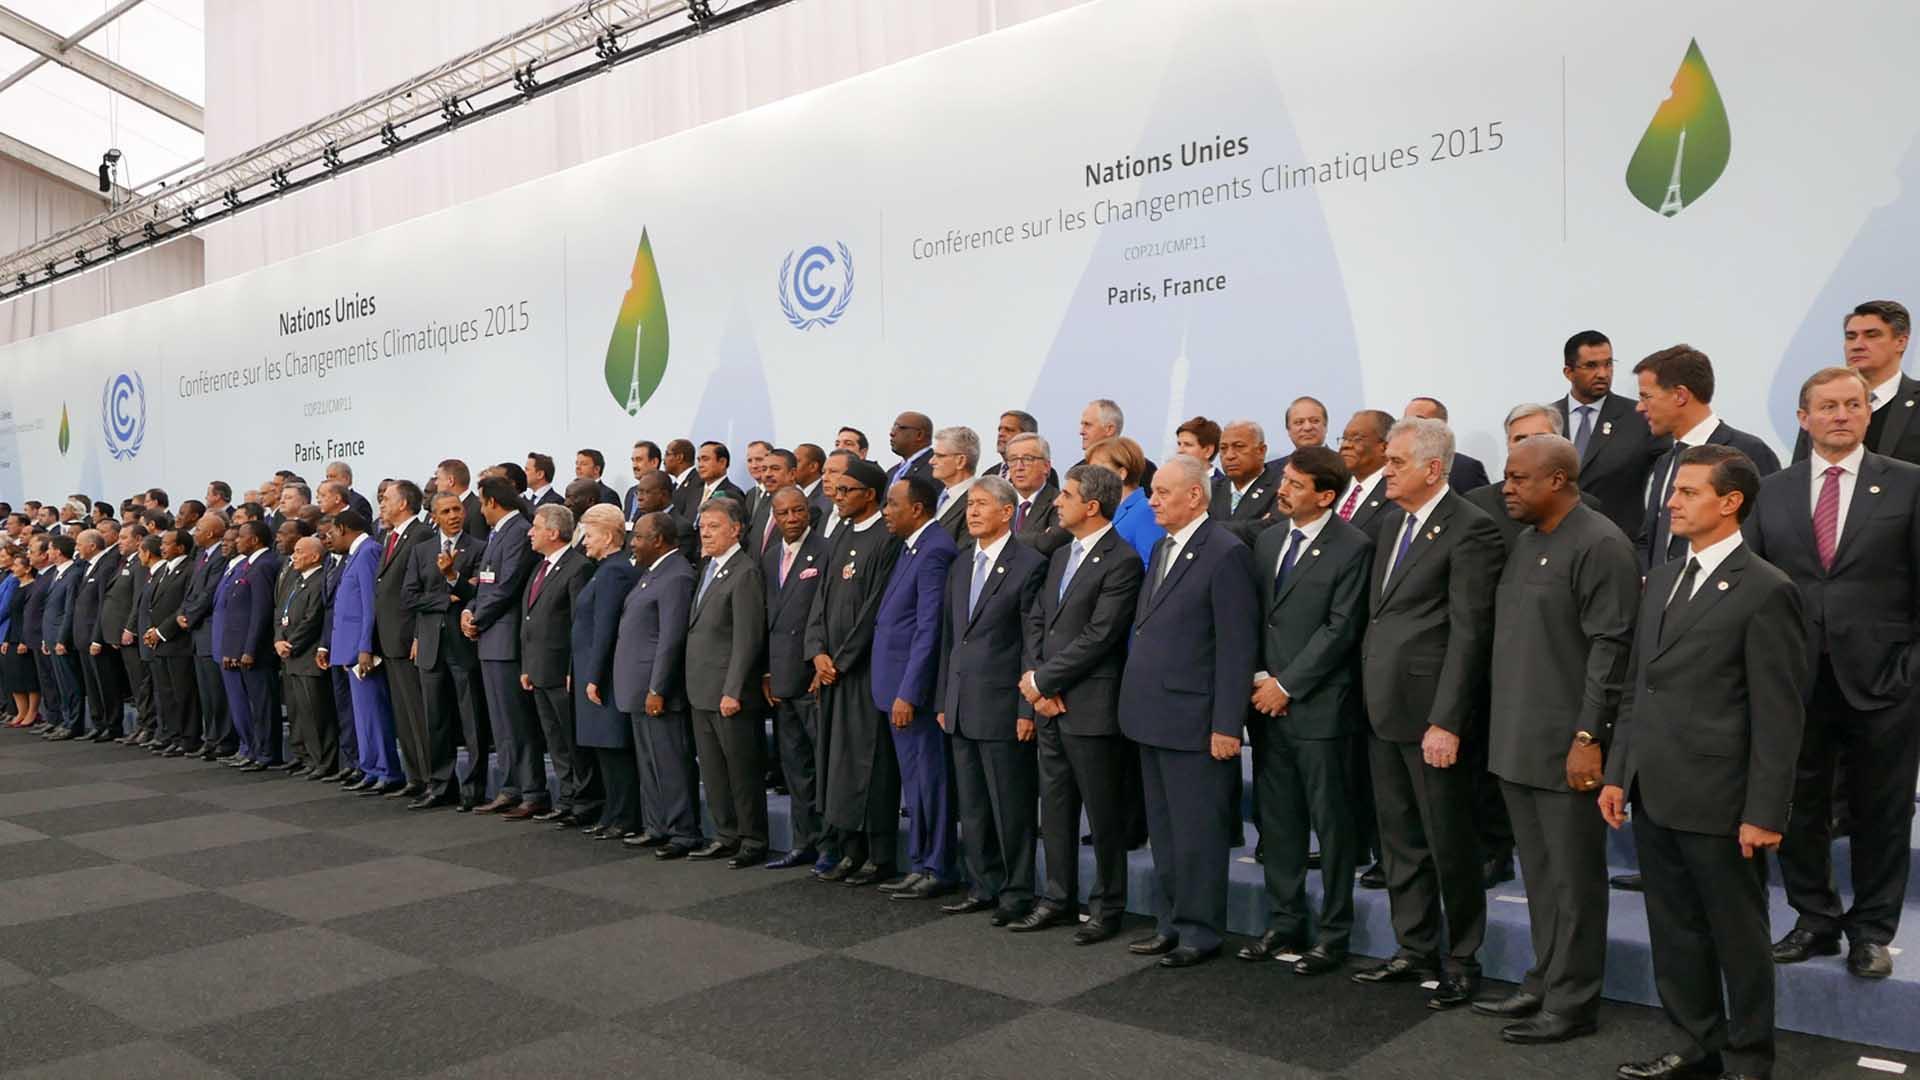 Naciones Unidas para el Medio Ambiente indica que las metas planteadas son inalcanzables a pesar de los muchos esfuerzos